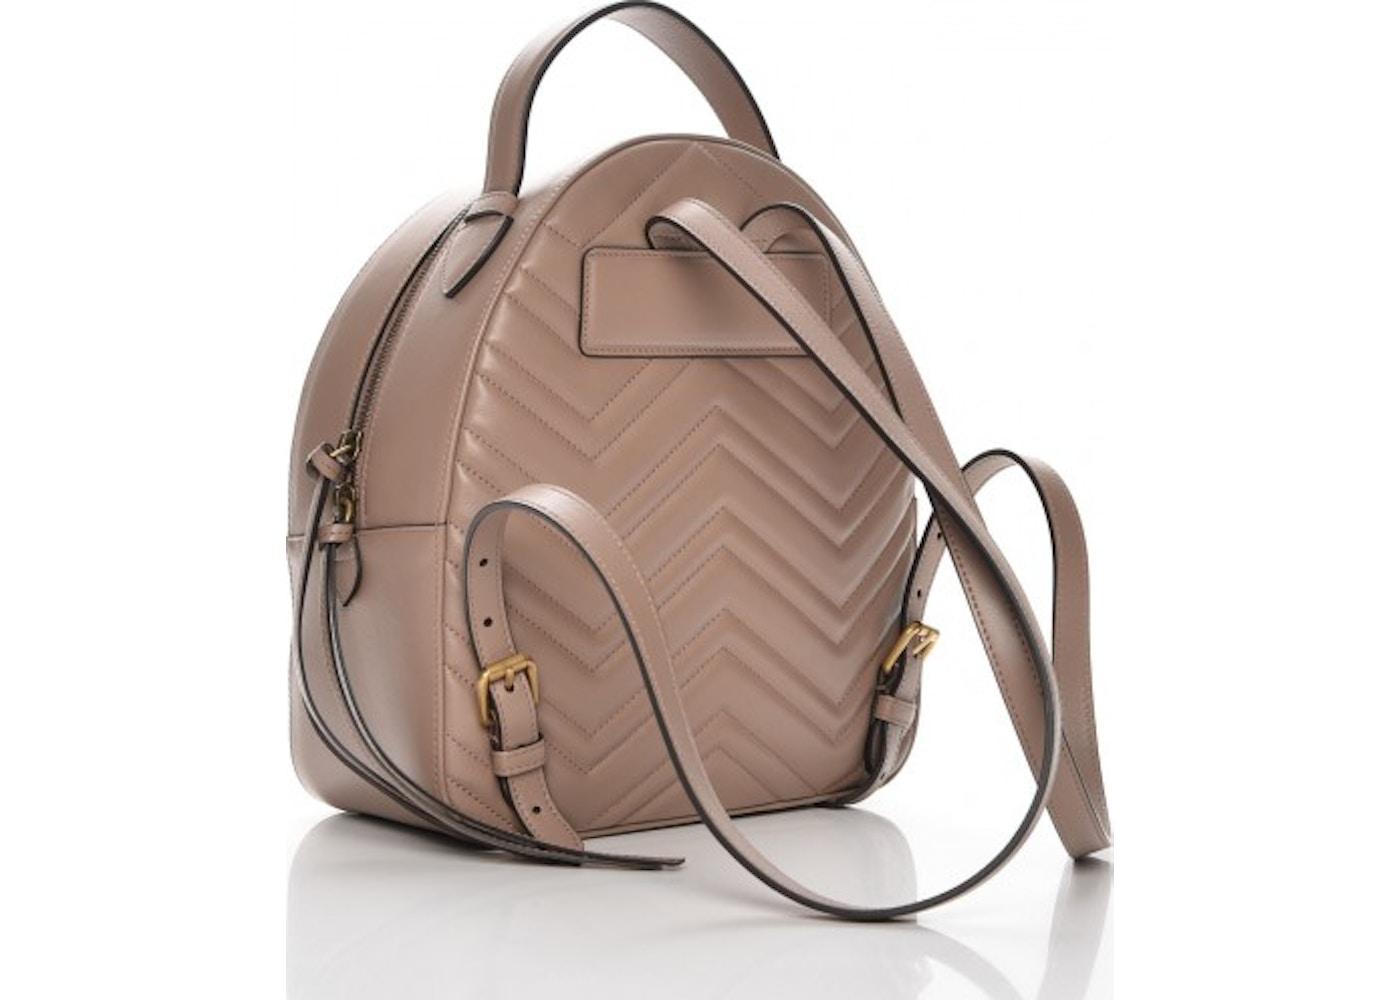 d948dda5185 Gucci Marmont Backpack Matelasse GG Interlocking Porcelain Rose